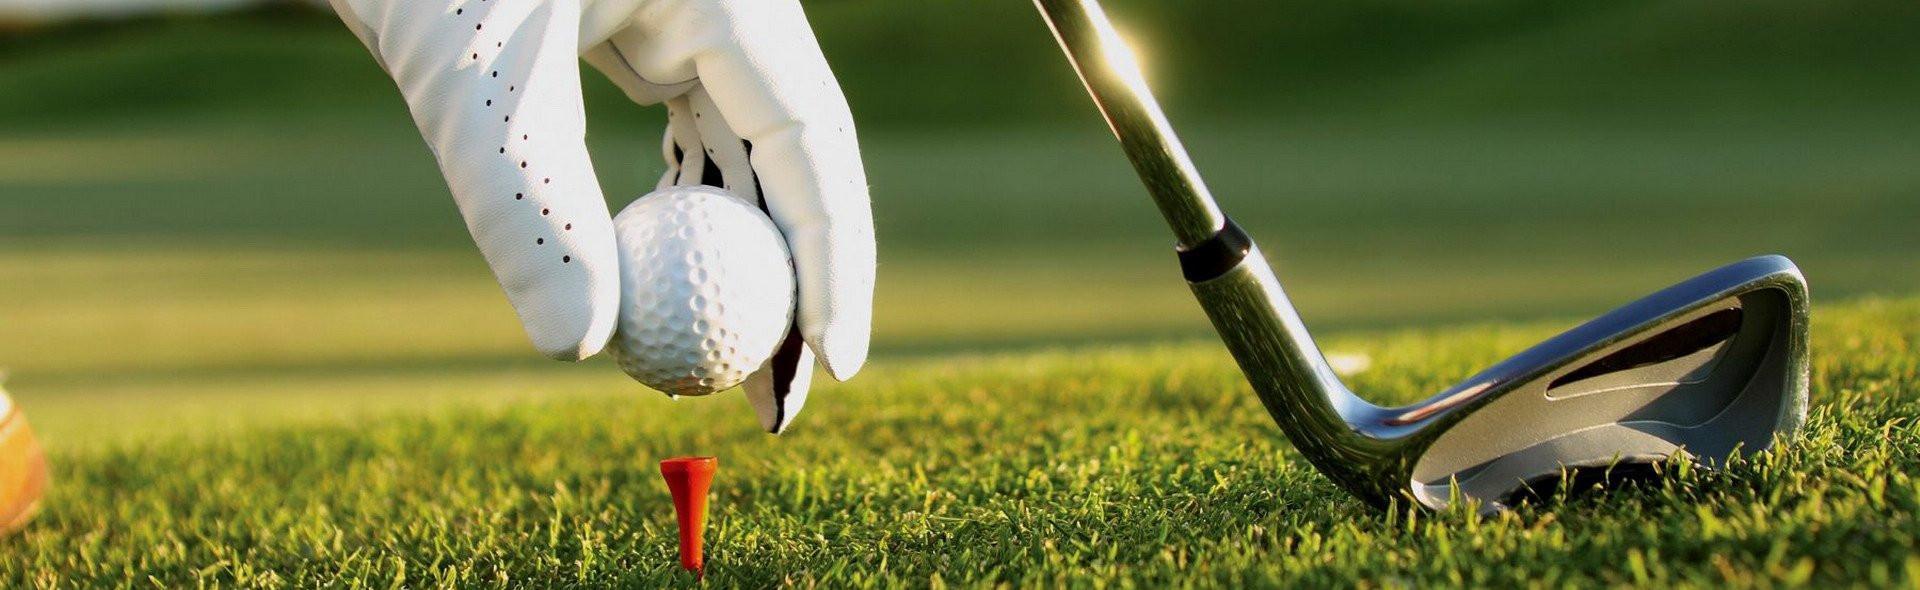 Abri de Practice de Golf